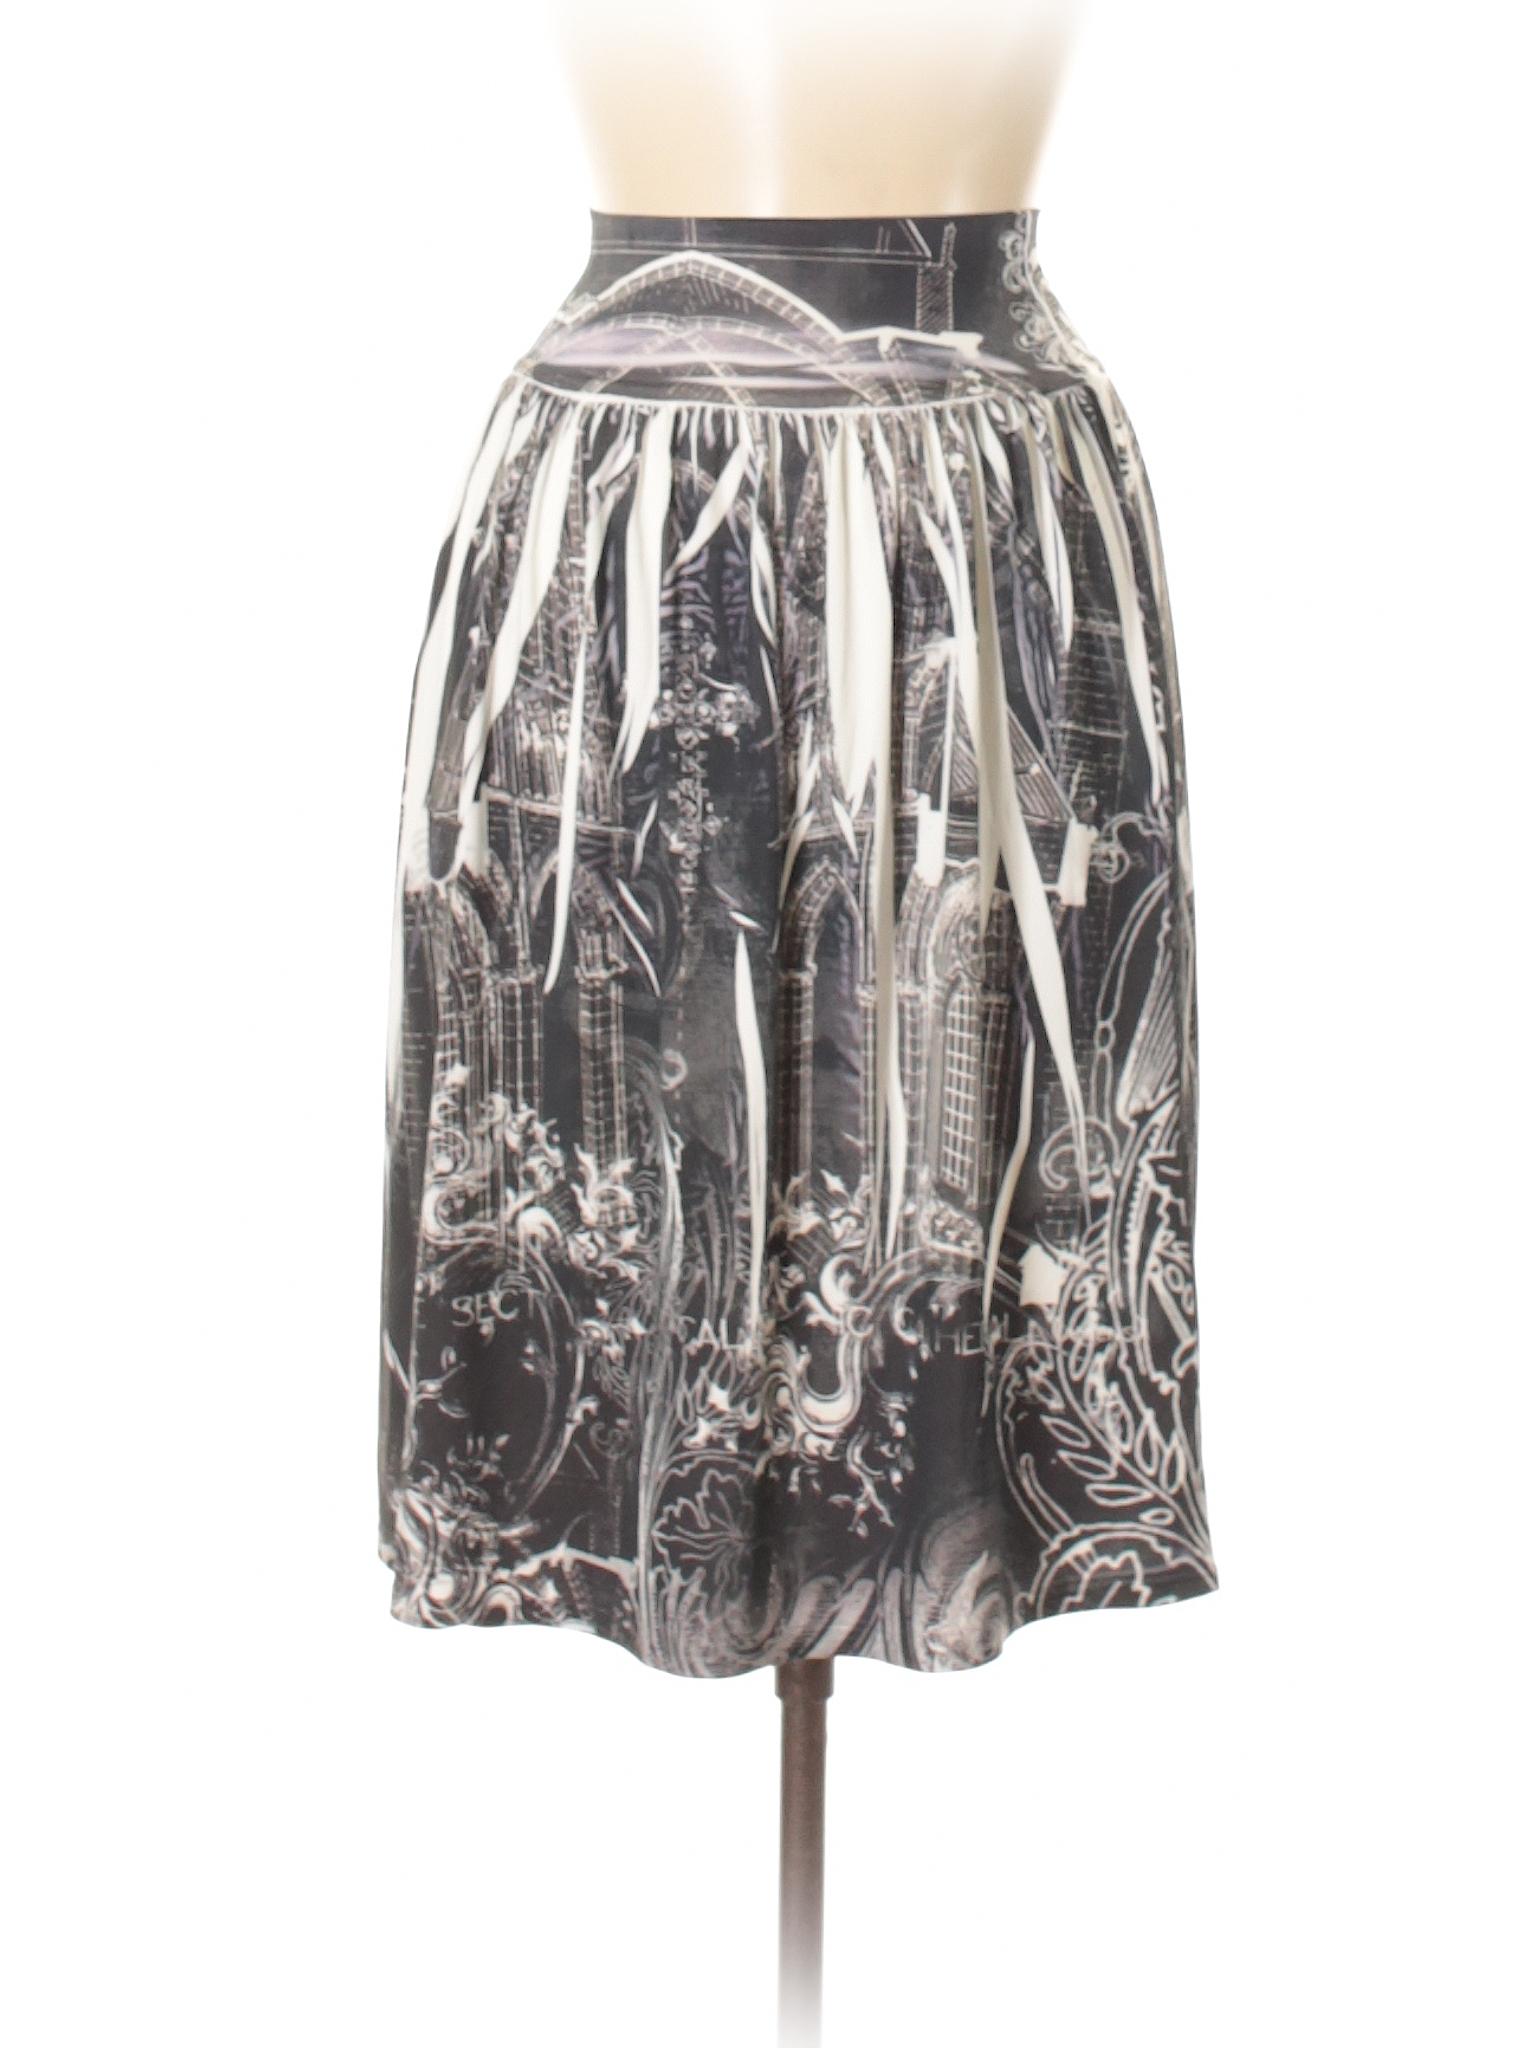 Boutique Skirt Casual Boutique Boutique Casual Skirt wHFYvqRx